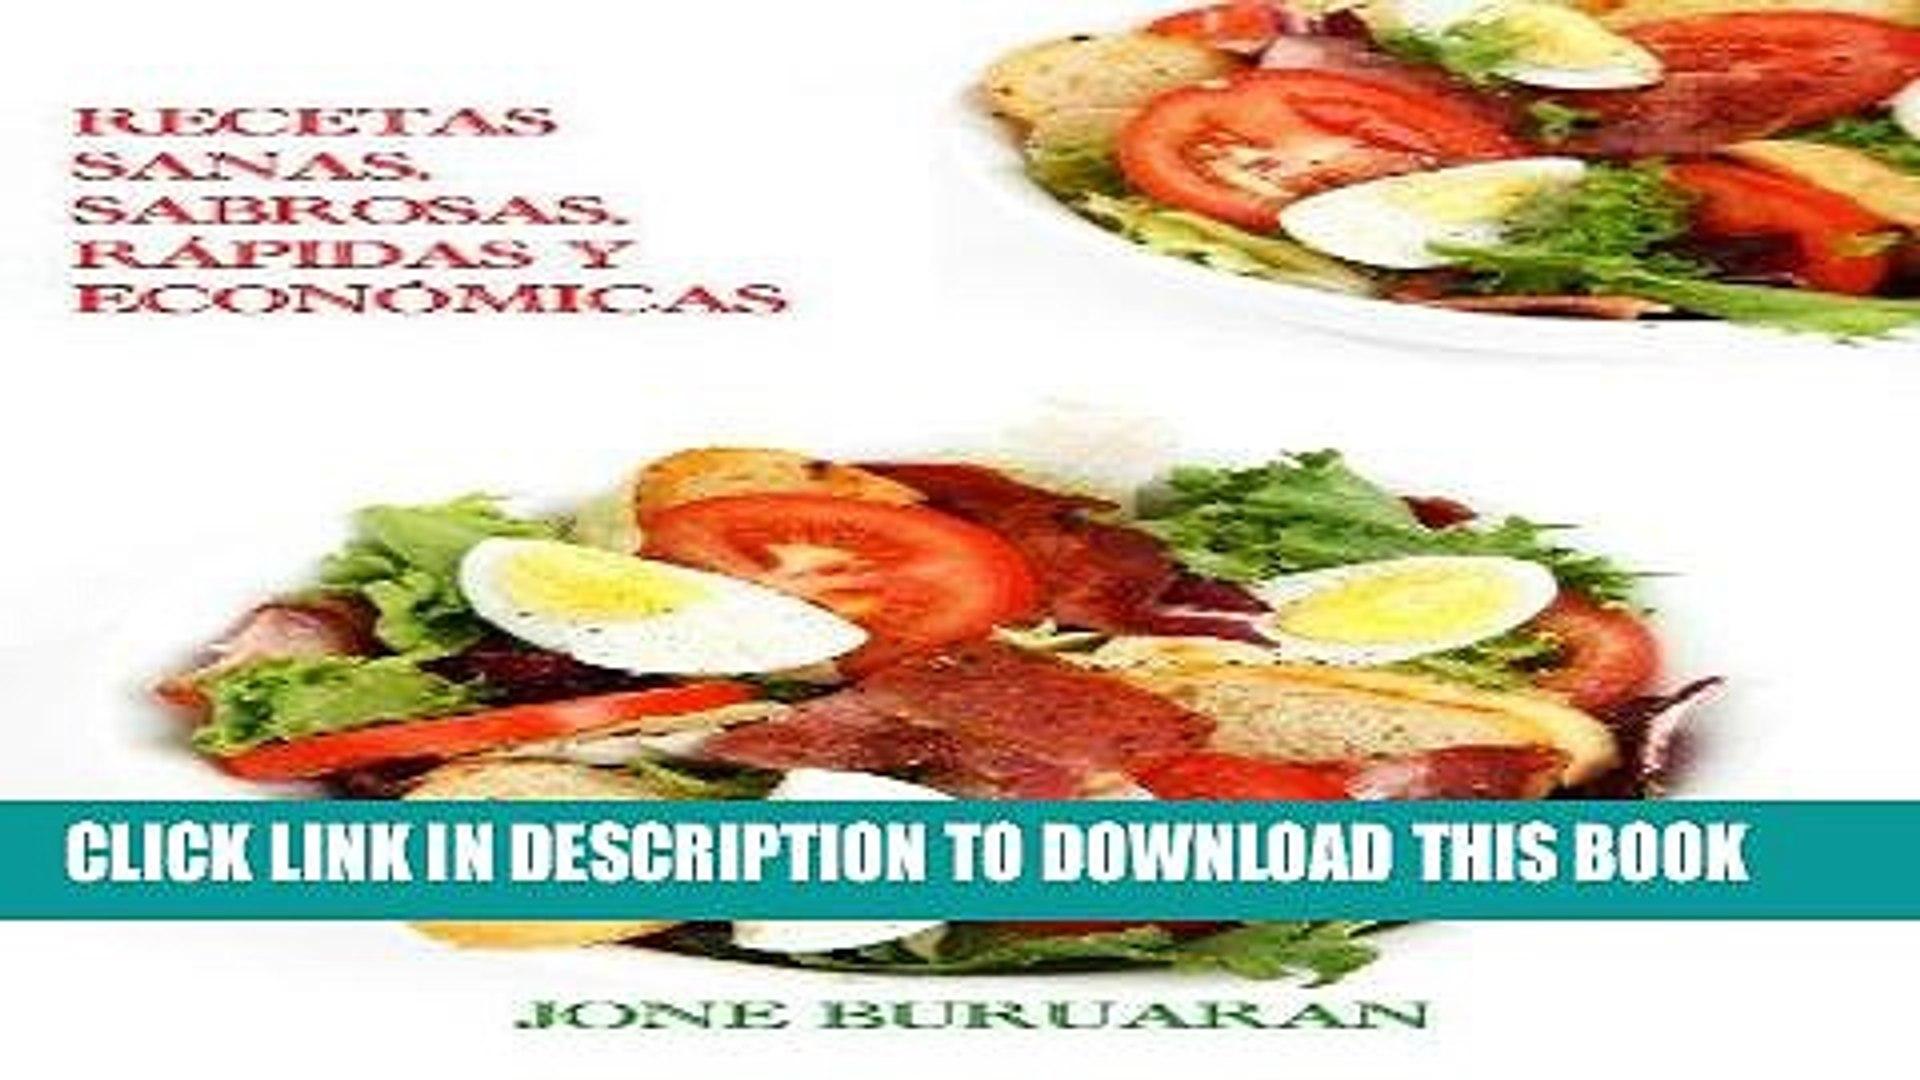 Best Seller Recetas Sanas Sabrosas Rãpidas Y Econã³micas Cocina Divertida N⺠1 Spanish